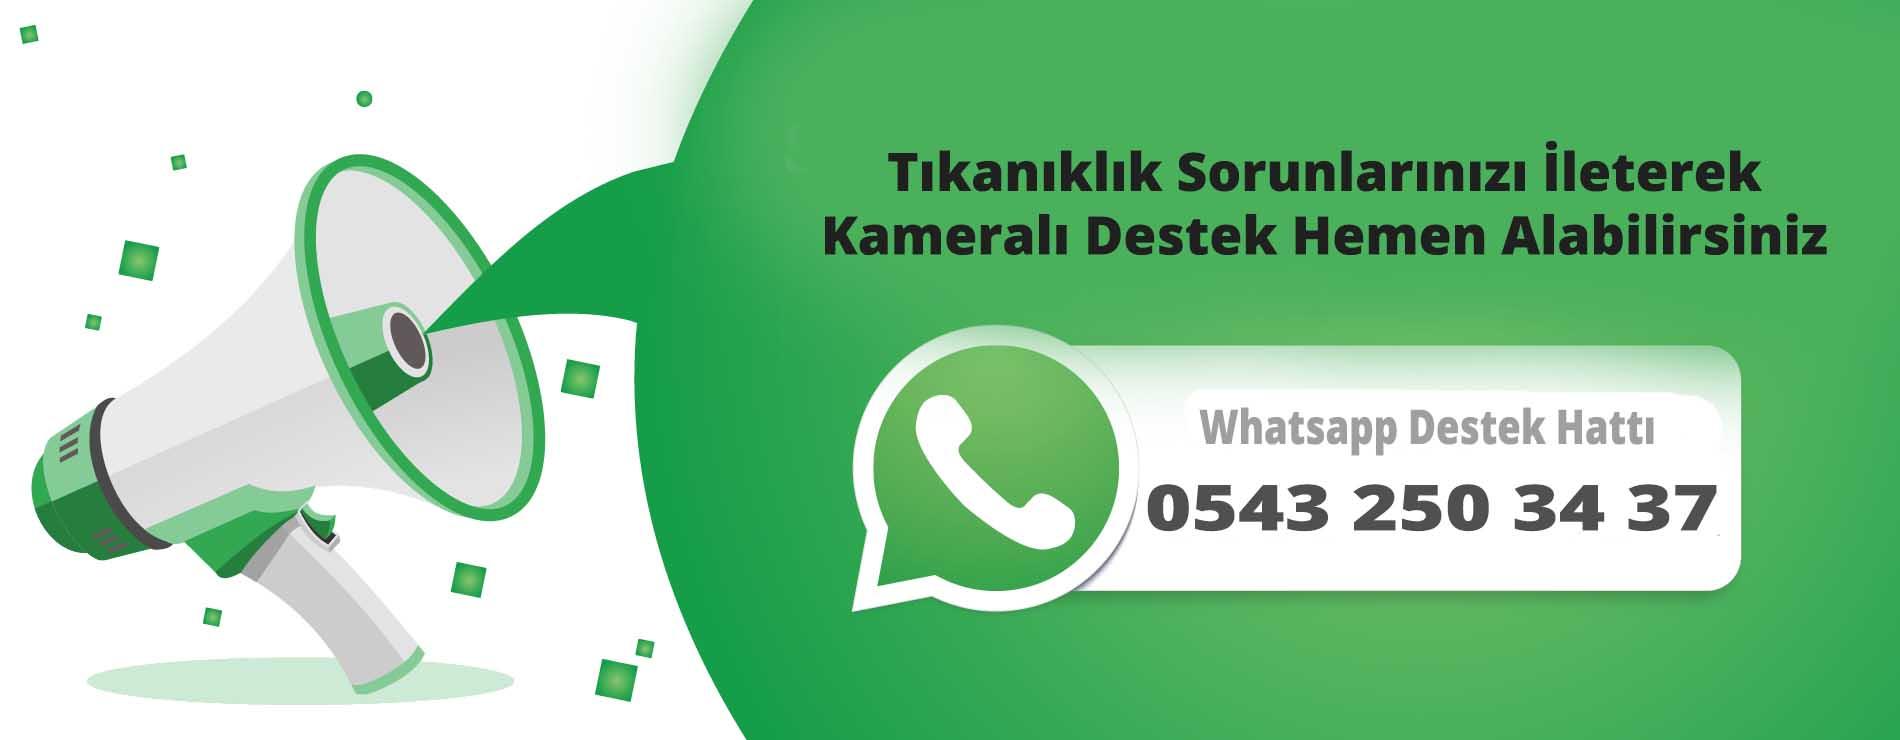 gebze tıkanıklık açma whatsapp hattı